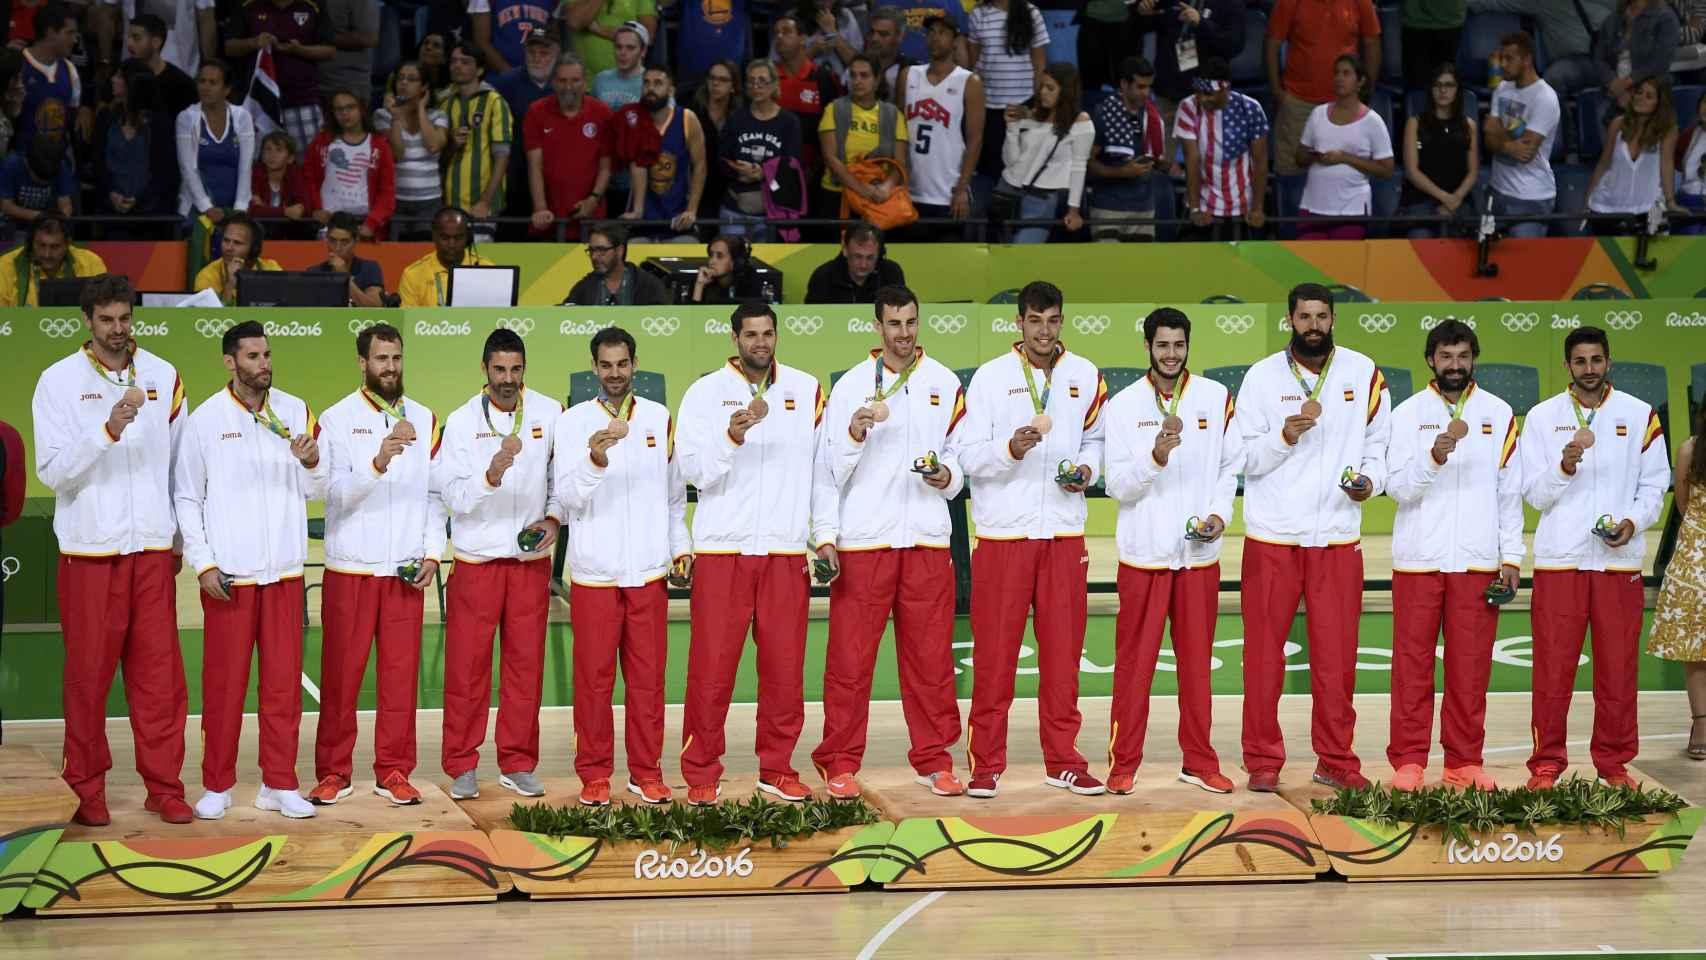 Los jugadores españoles en el podio olímpico con el bronce.